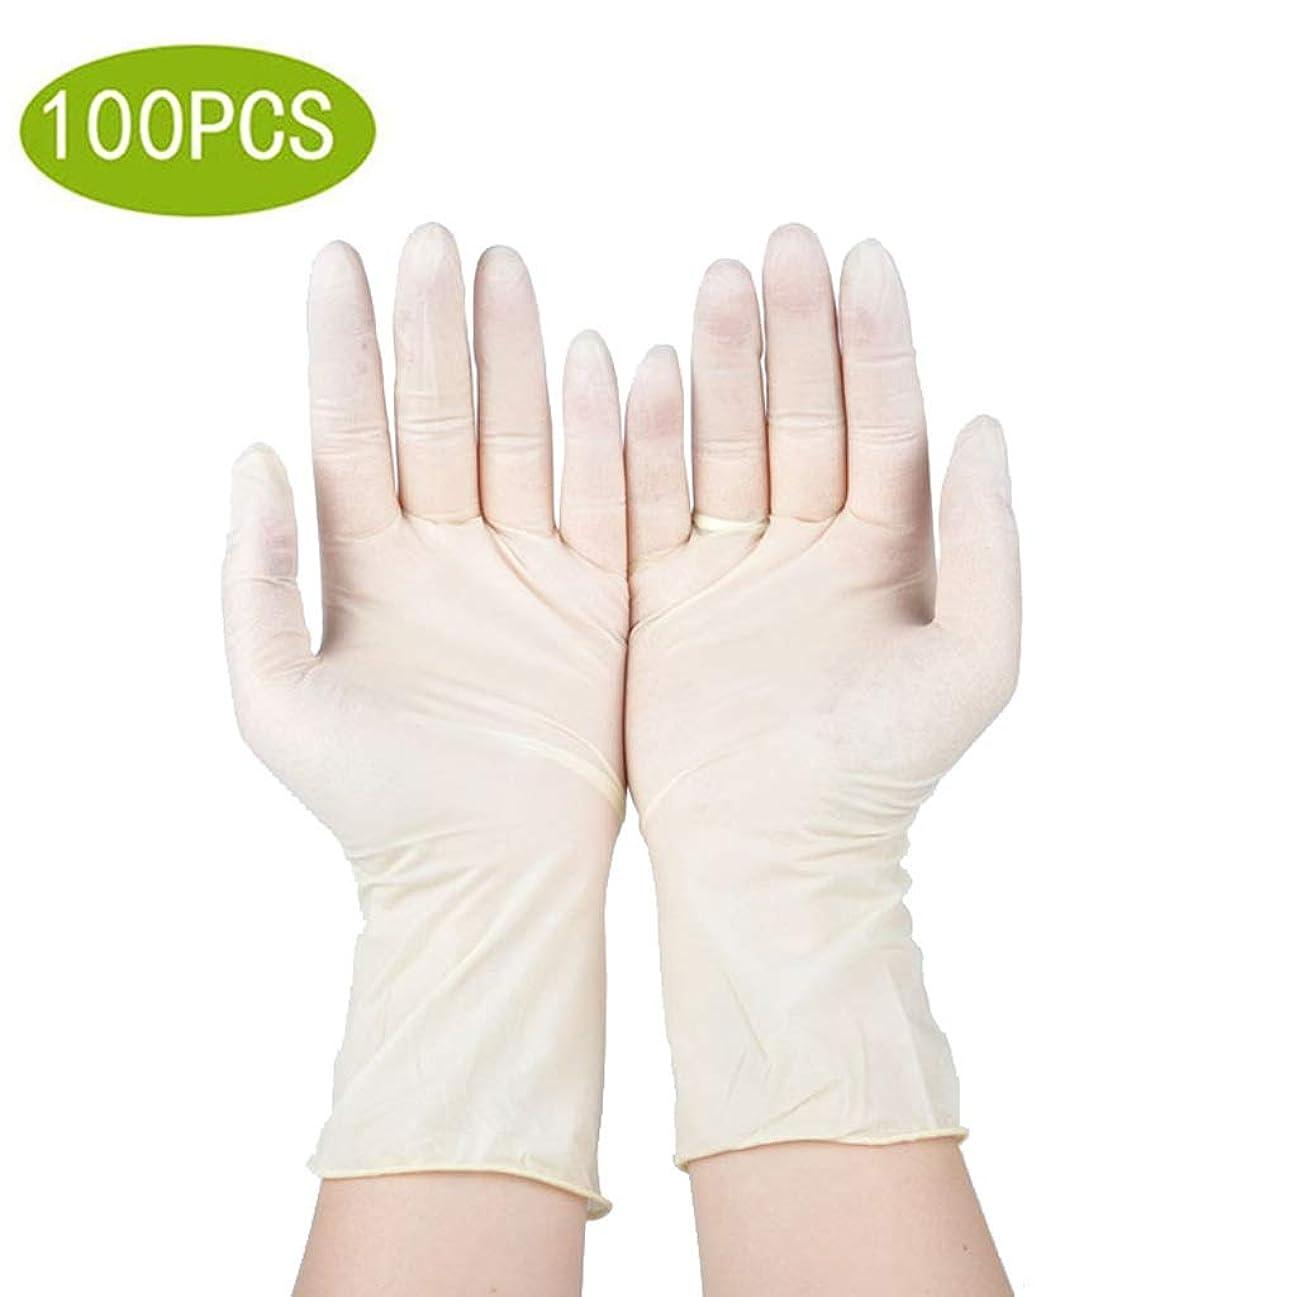 タイルデモンストレーションマティスニトリル試験用手袋 - 医療用グレード、パウダーフリー、ラテックスラバーフリー、使い捨て、ラテックスグローブ食品安全ラテックスグローブ (Color : Latex Gloves, Size : L)